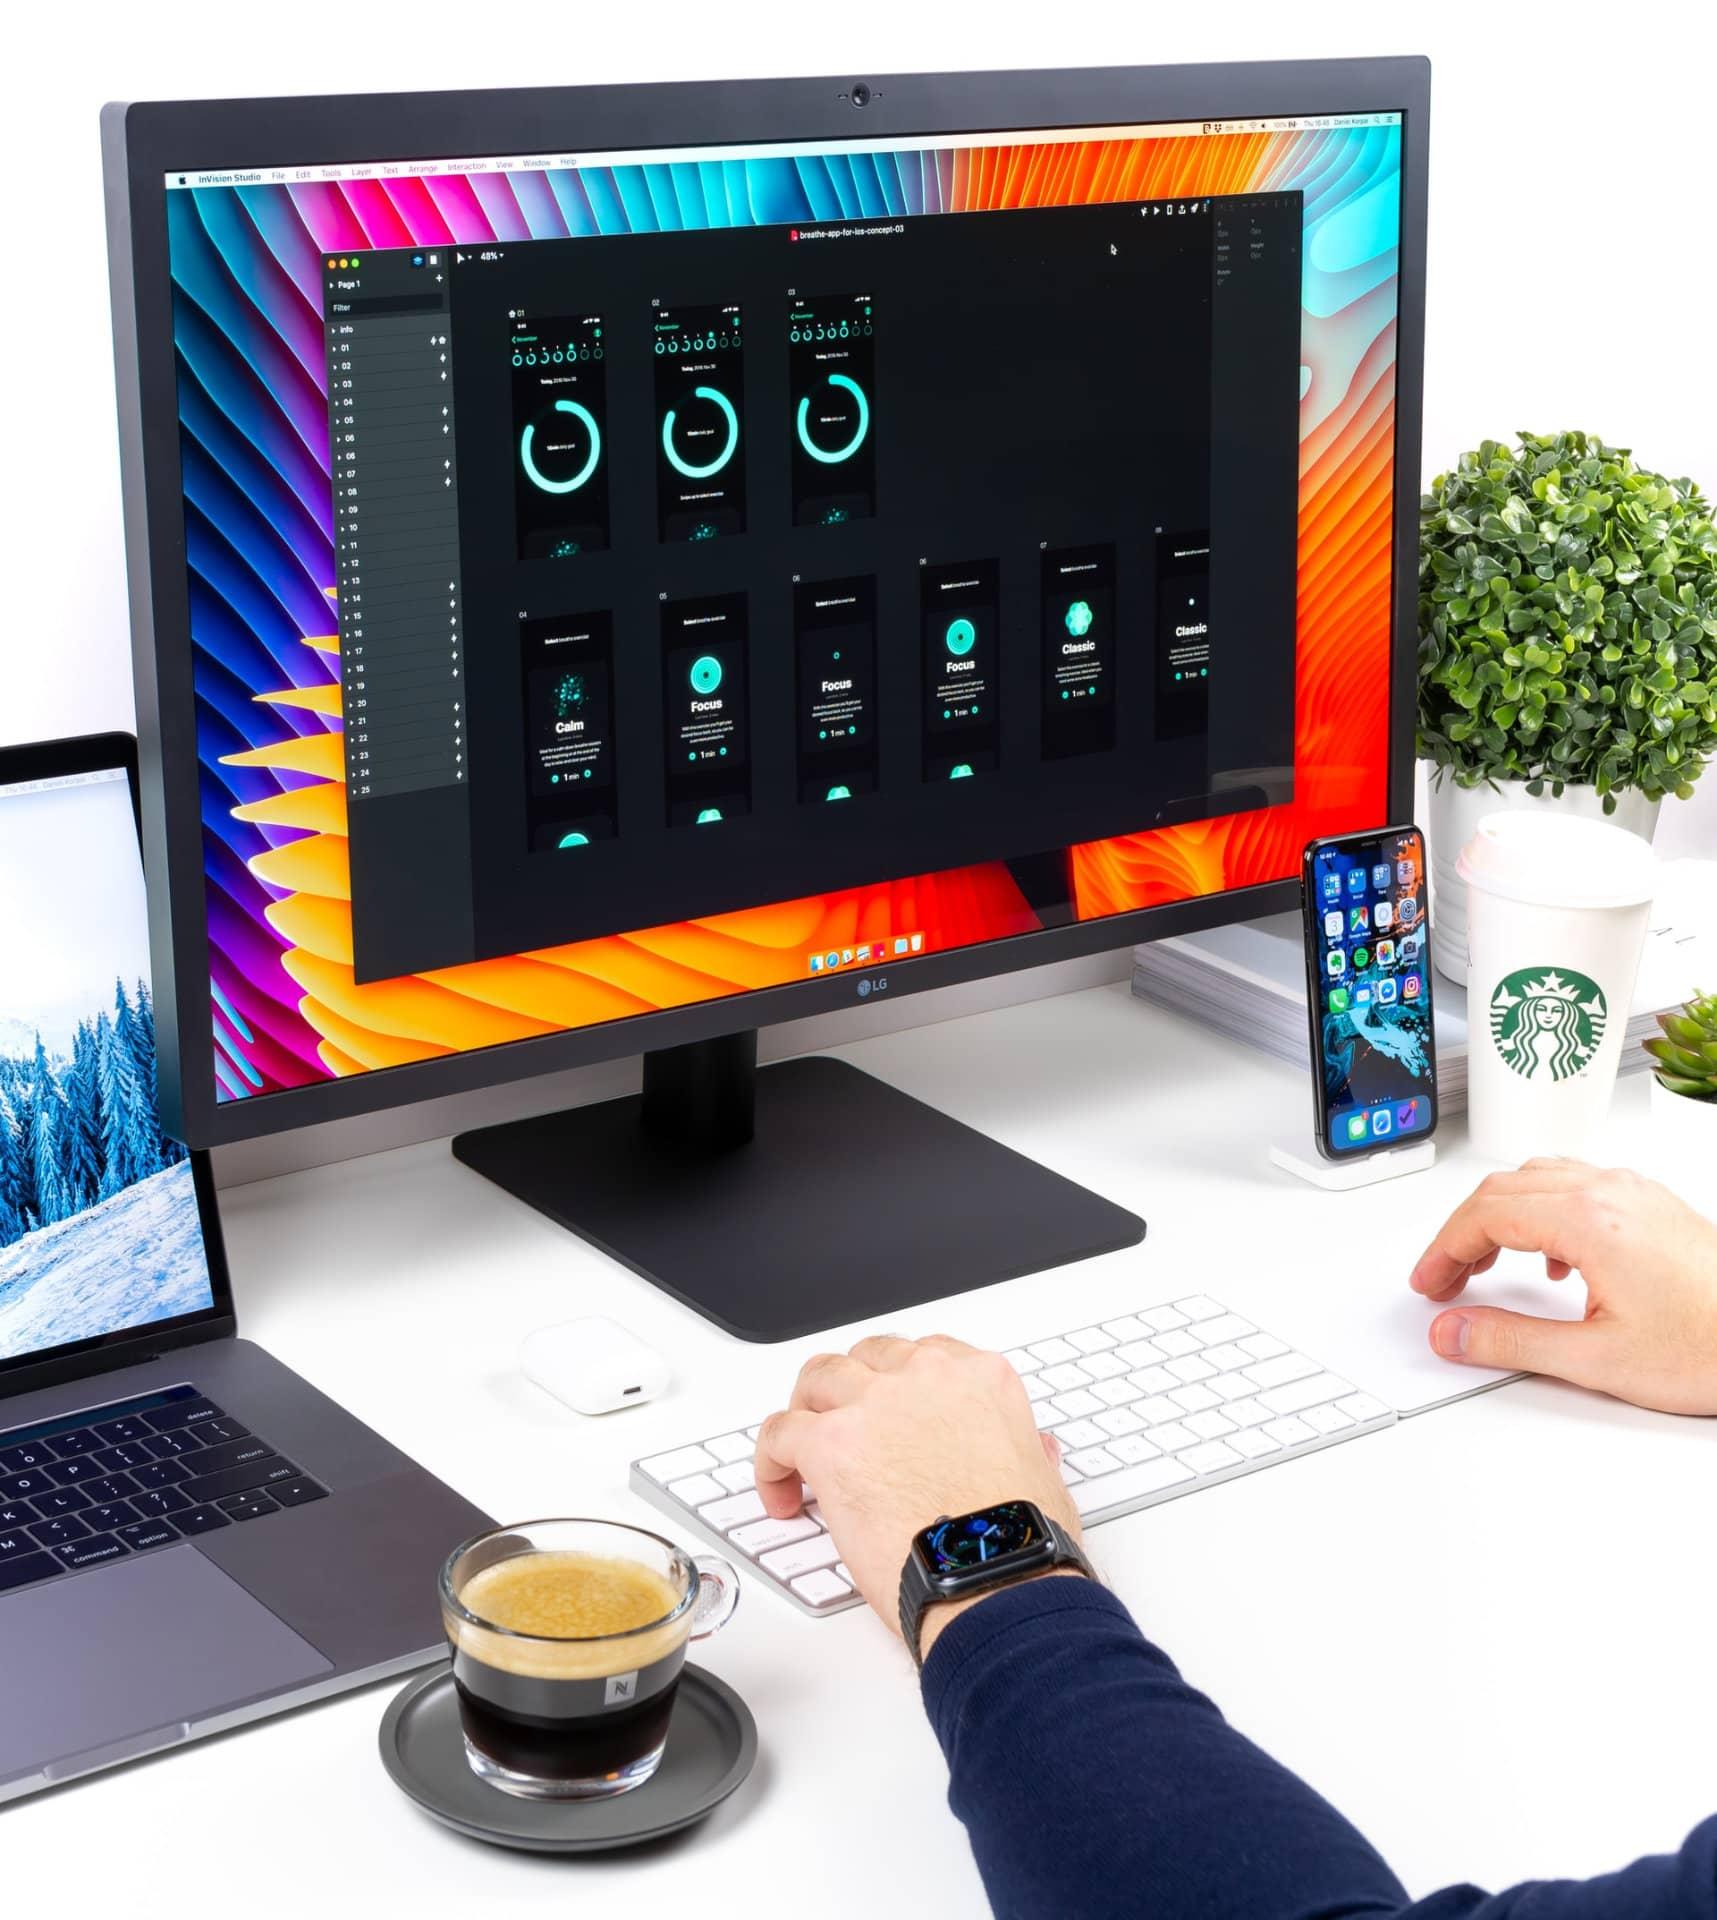 Online Business aufbauen - PC Monitor mit Webdesign Tool, Tastatur und einem Kaffee.